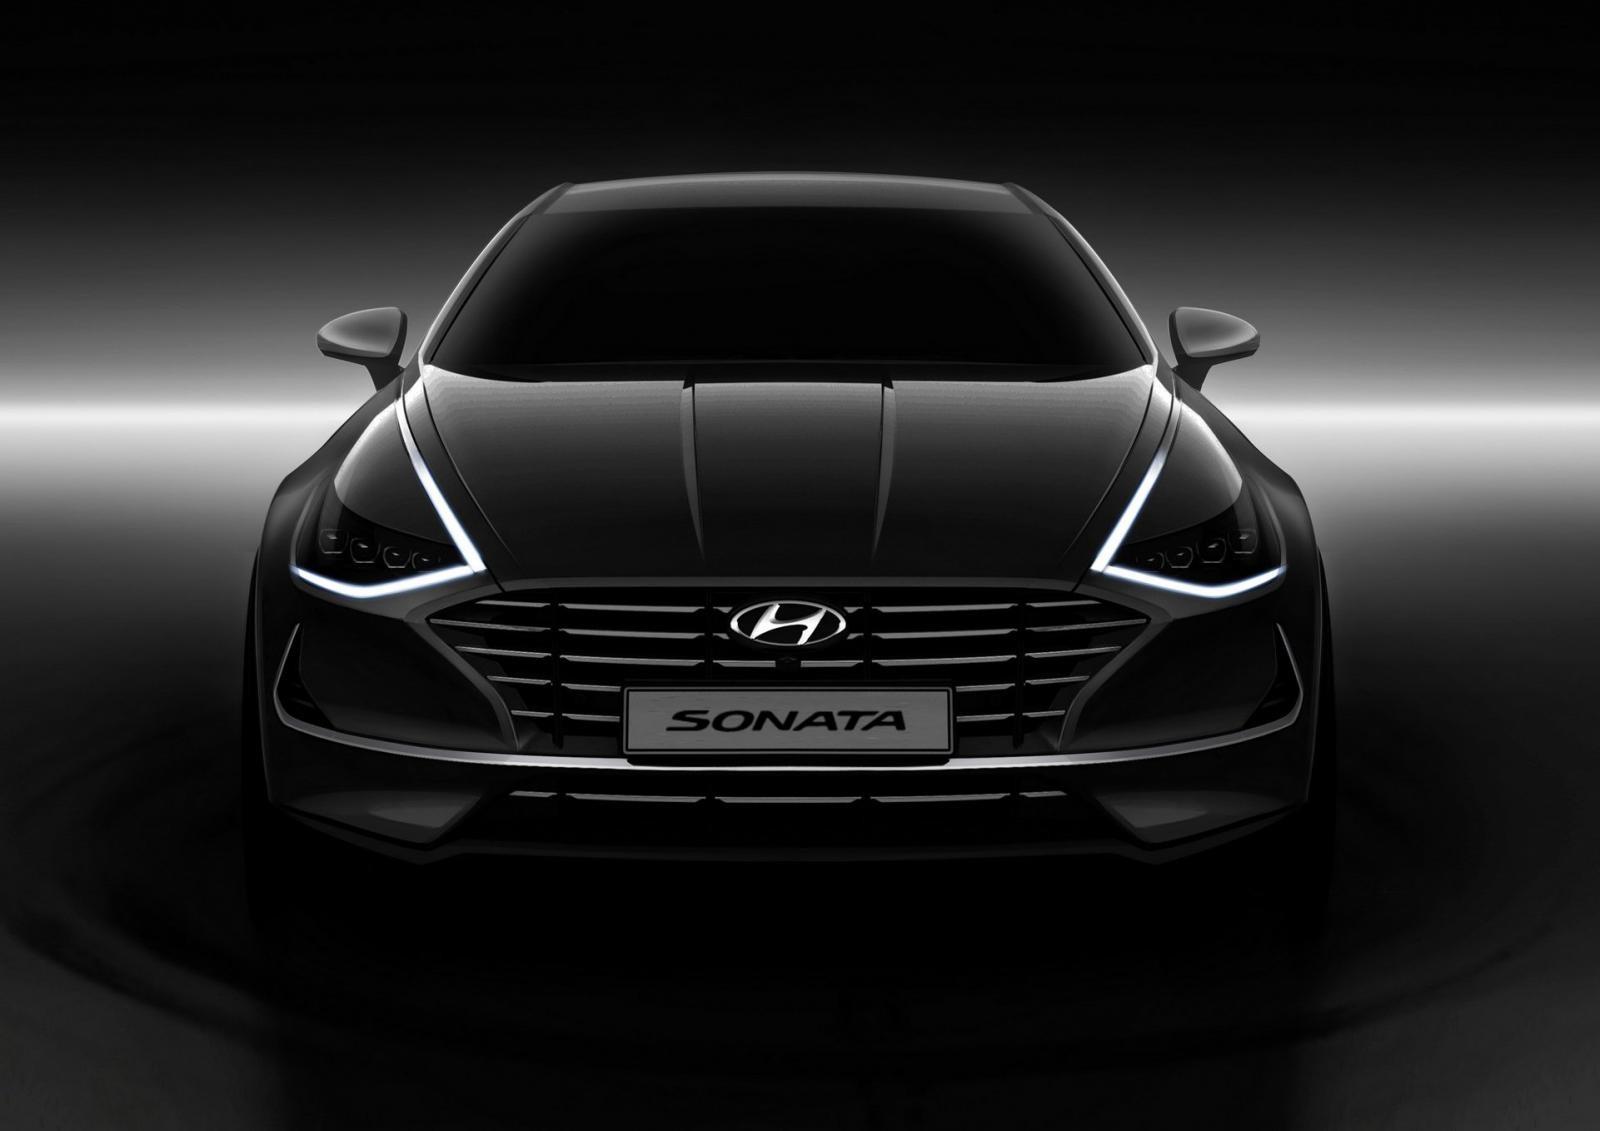 Dải đèn LED định vị của Hyundai Sonata 2020 có thiết kế như dải crôm